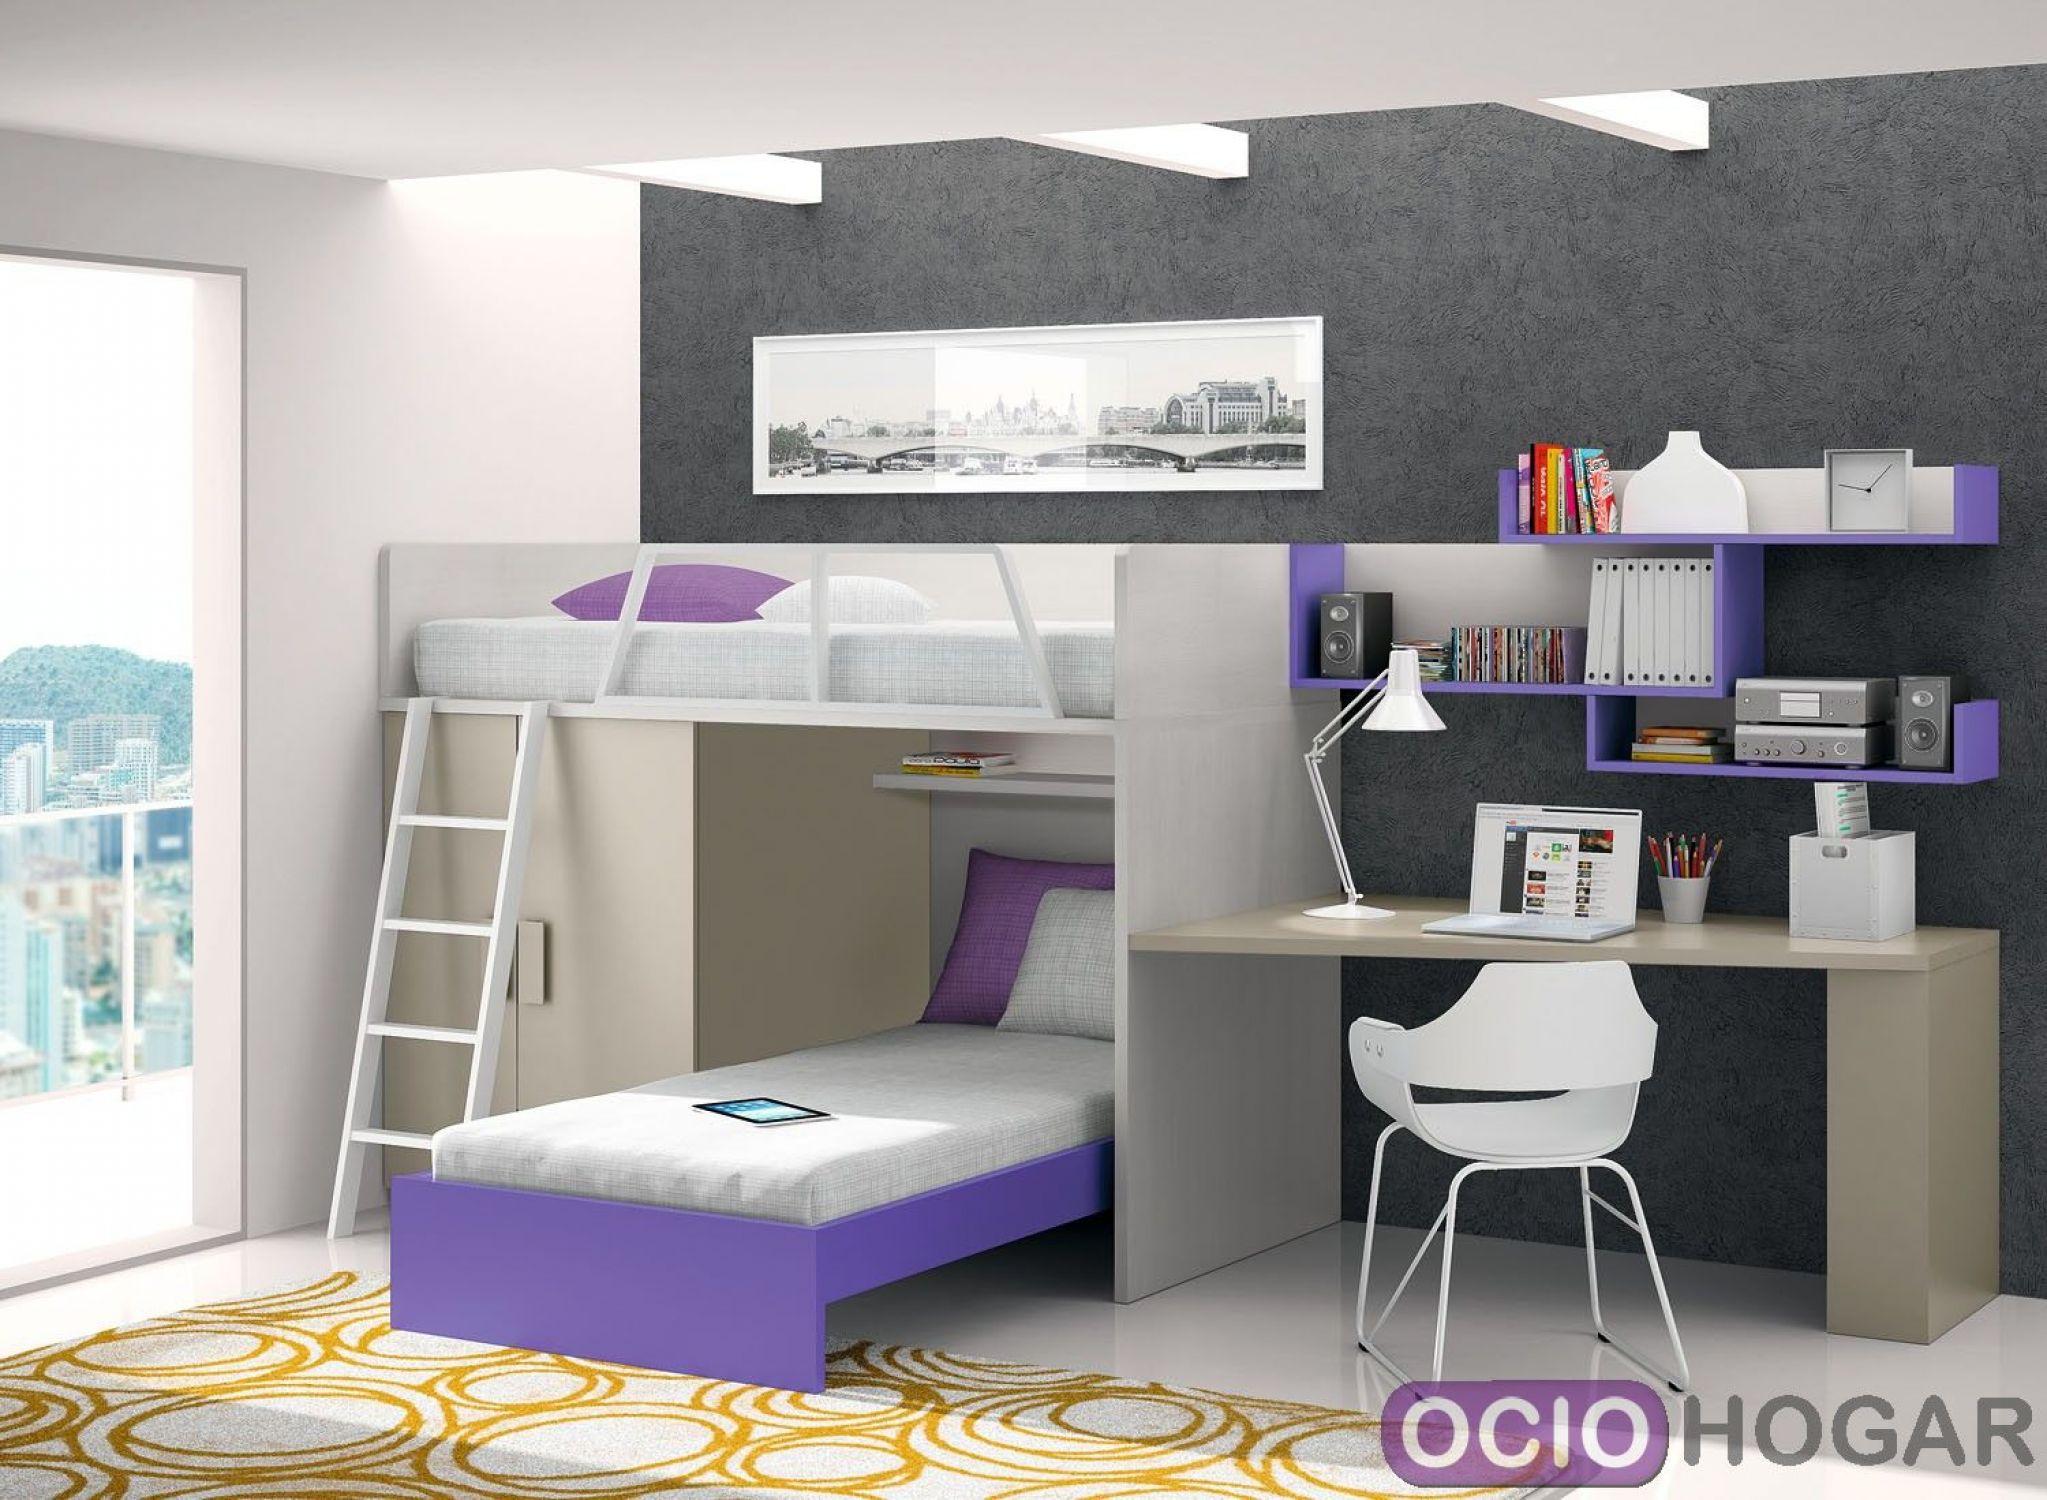 Dormitorio juvenil violet de dissery muebles infantiles for Muebles infantiles juveniles